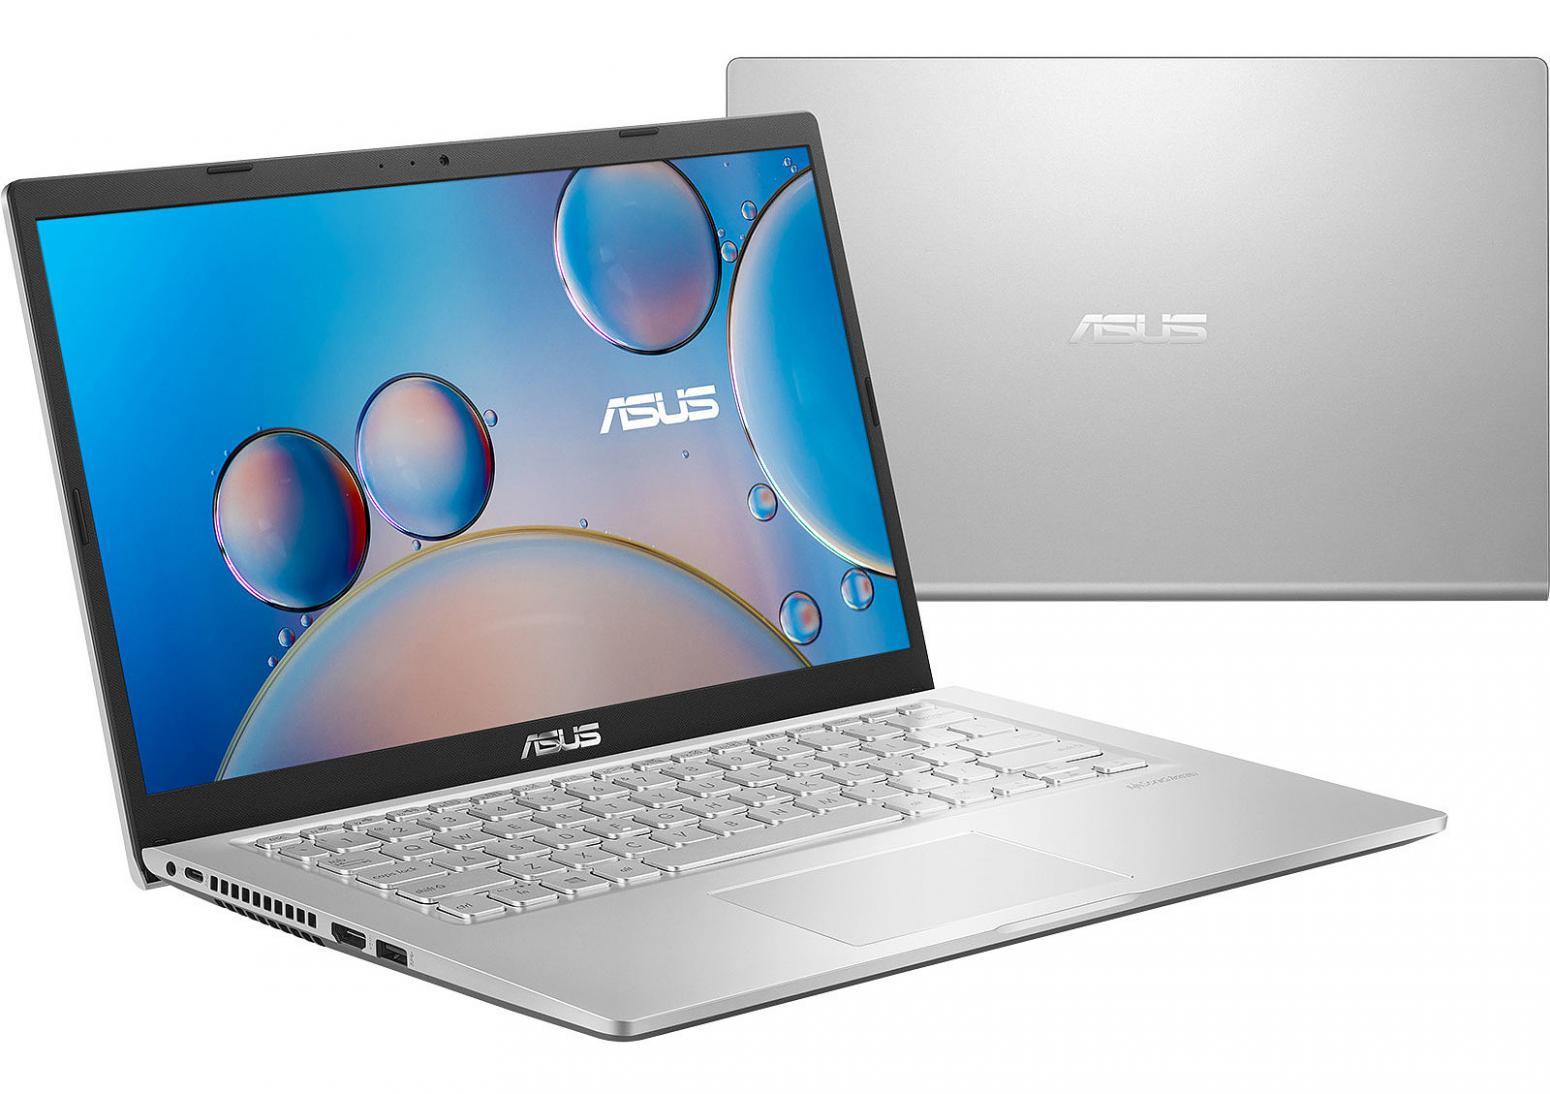 Image du PC portable Asus R415JA-BV356T Argent